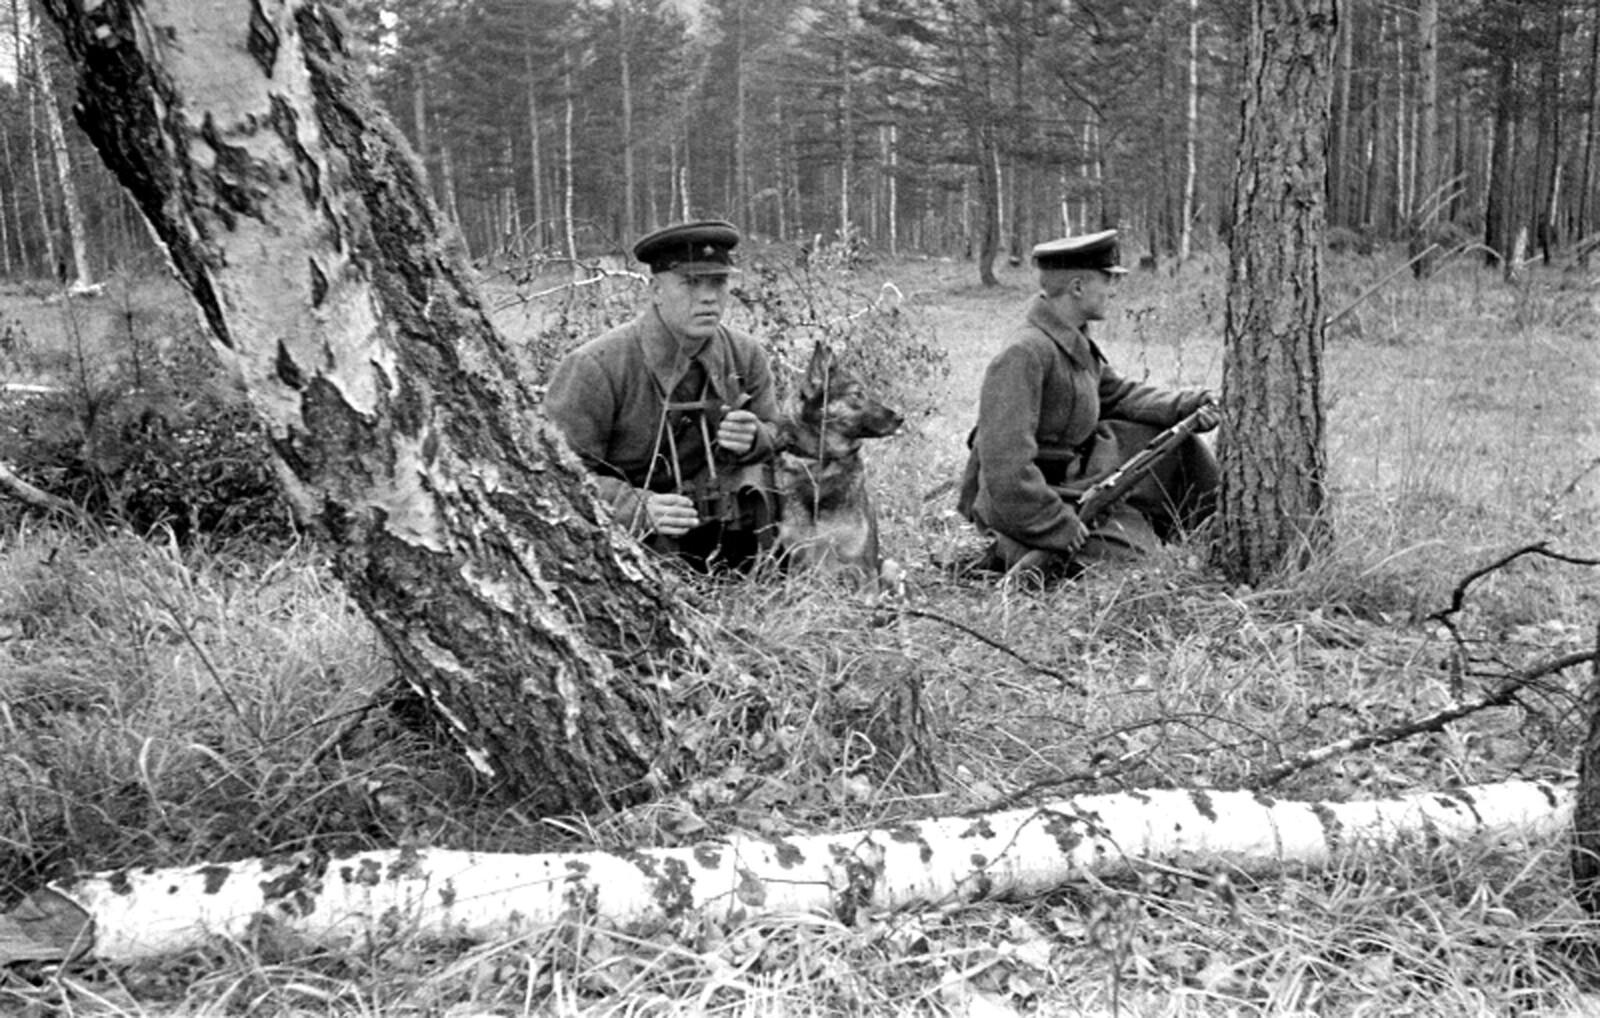 1940-е. (начало). Пограничный наряд со служебной собакой